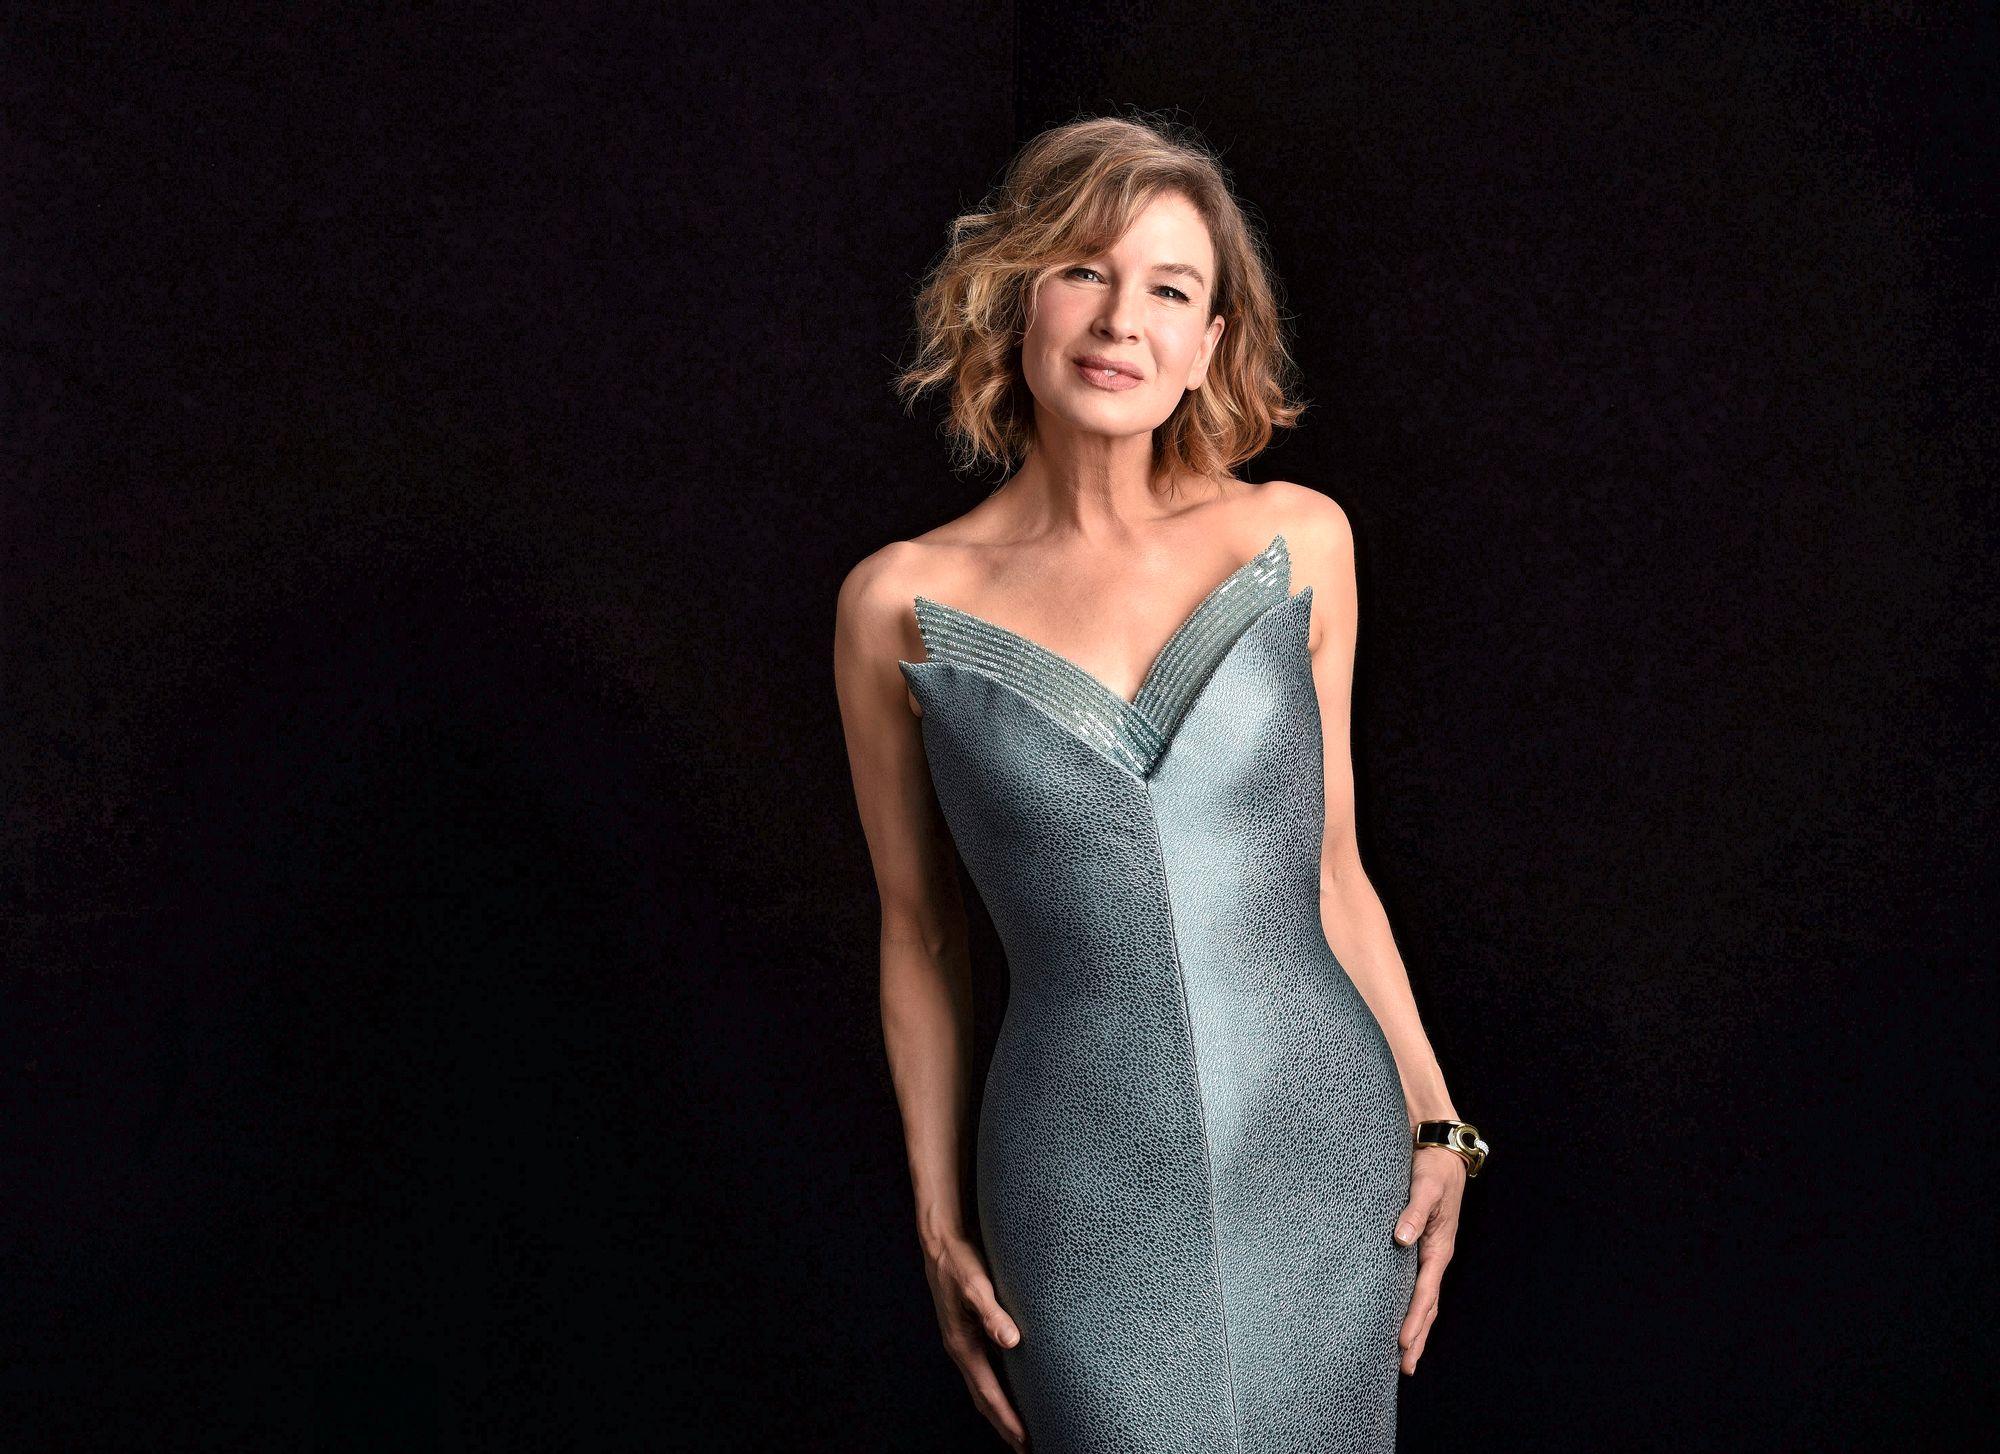 Viime vuonna BAFTA-palkittu näyttelijä Renée Zellweger osallistui gaalaan Los Angelesista käsin, jossa hän poseerasi veistoksellisessa luomuksessa. Zellweger jakoi parhaan näyttelijän palkinnon, jonka sai Sir Anthony Hopkins. © Copyright (c) 2021 Shutterstock.